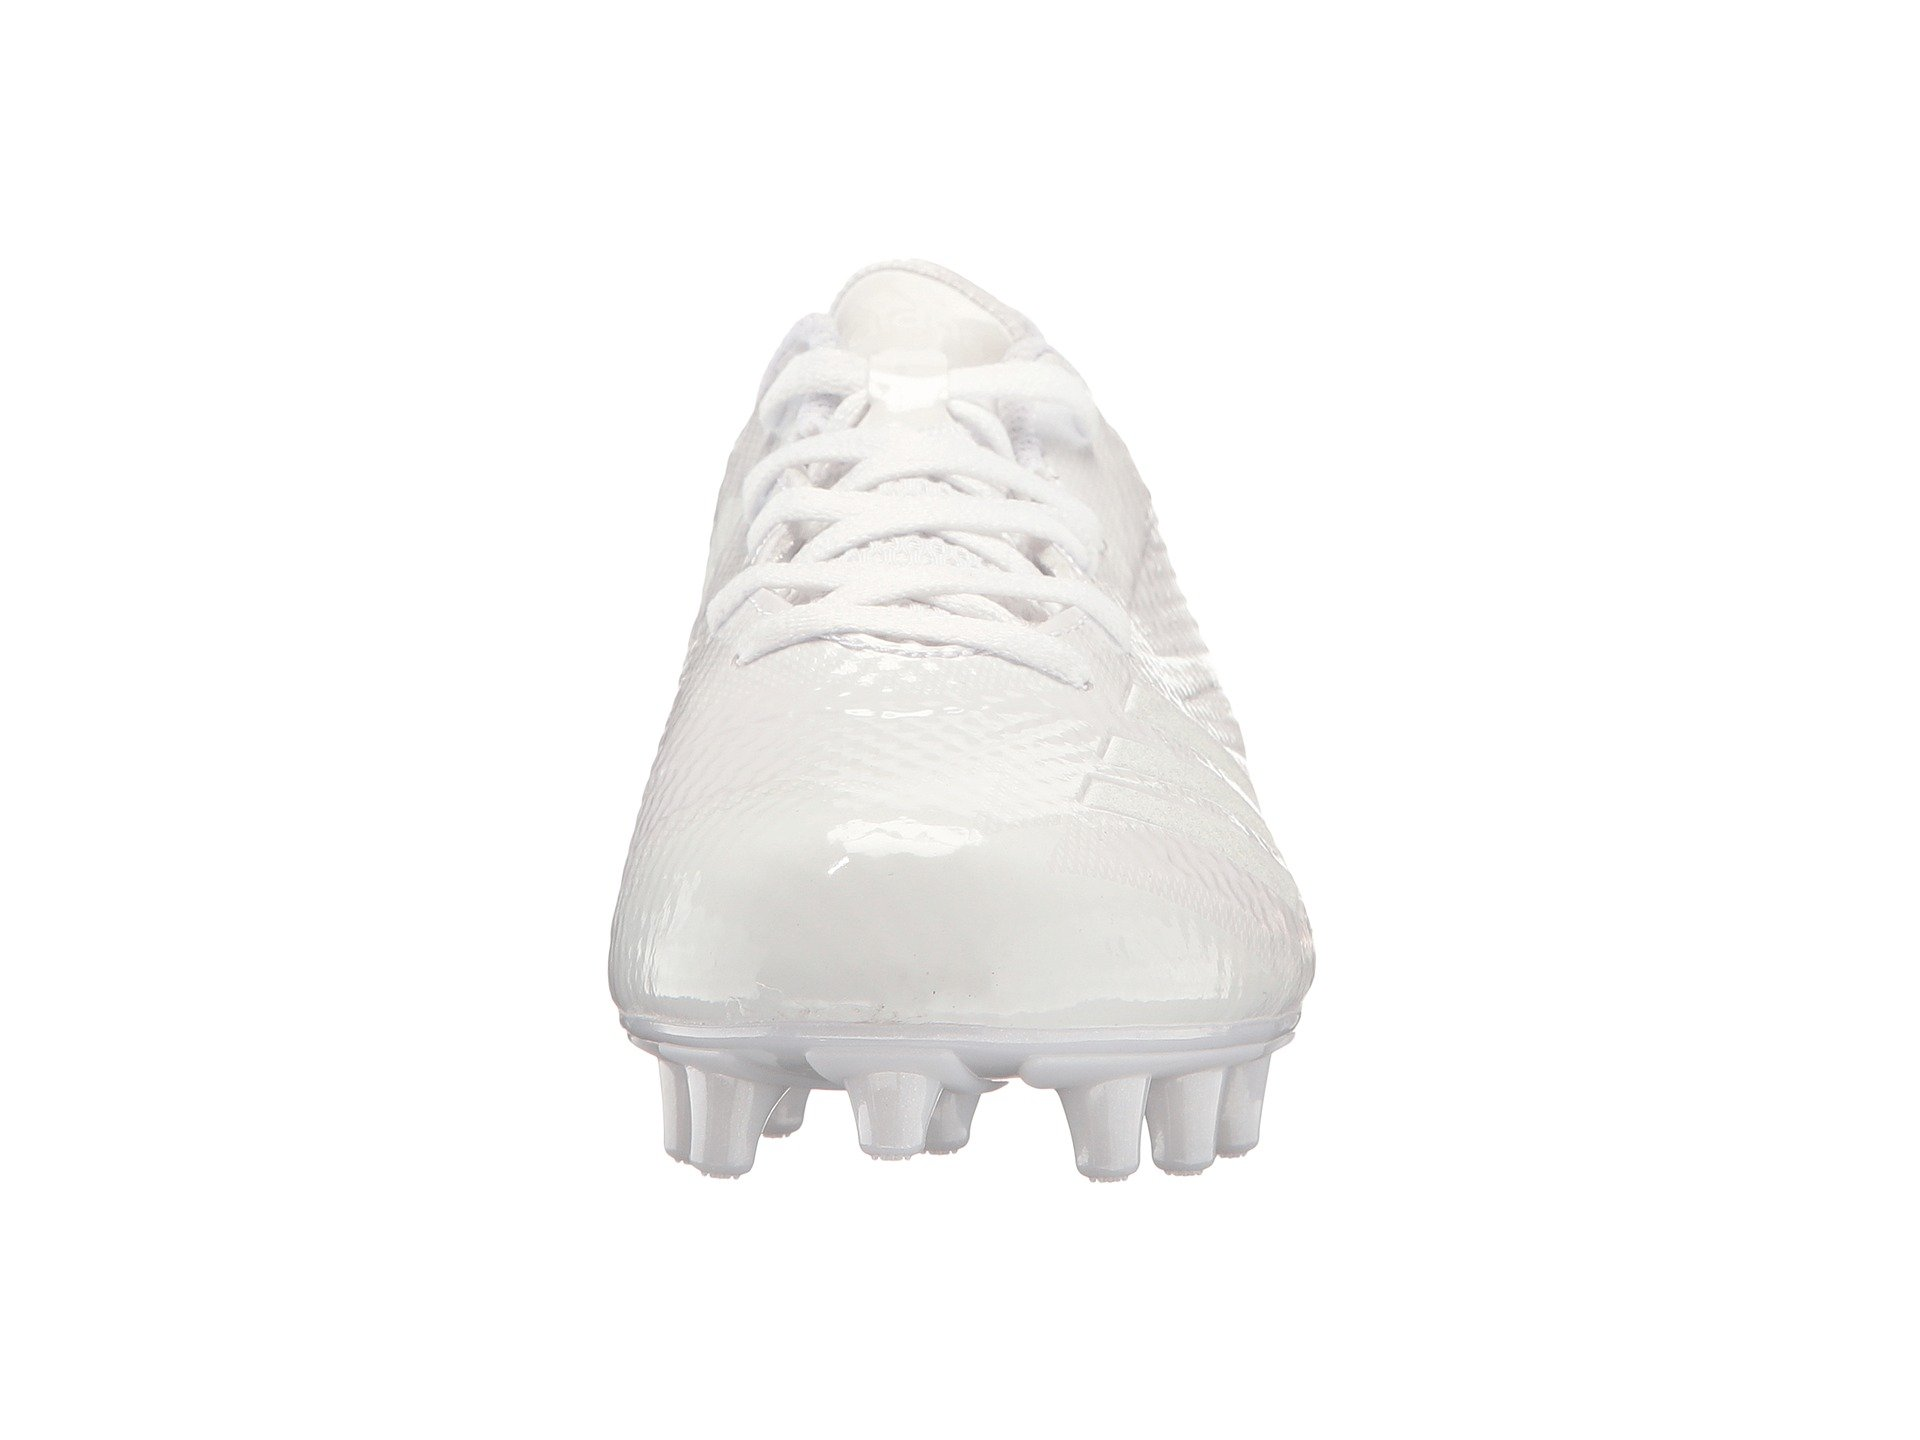 1920x1440 Adidas Kids Adizero 5 Star 6.0 Football (Little Kidig Kid)